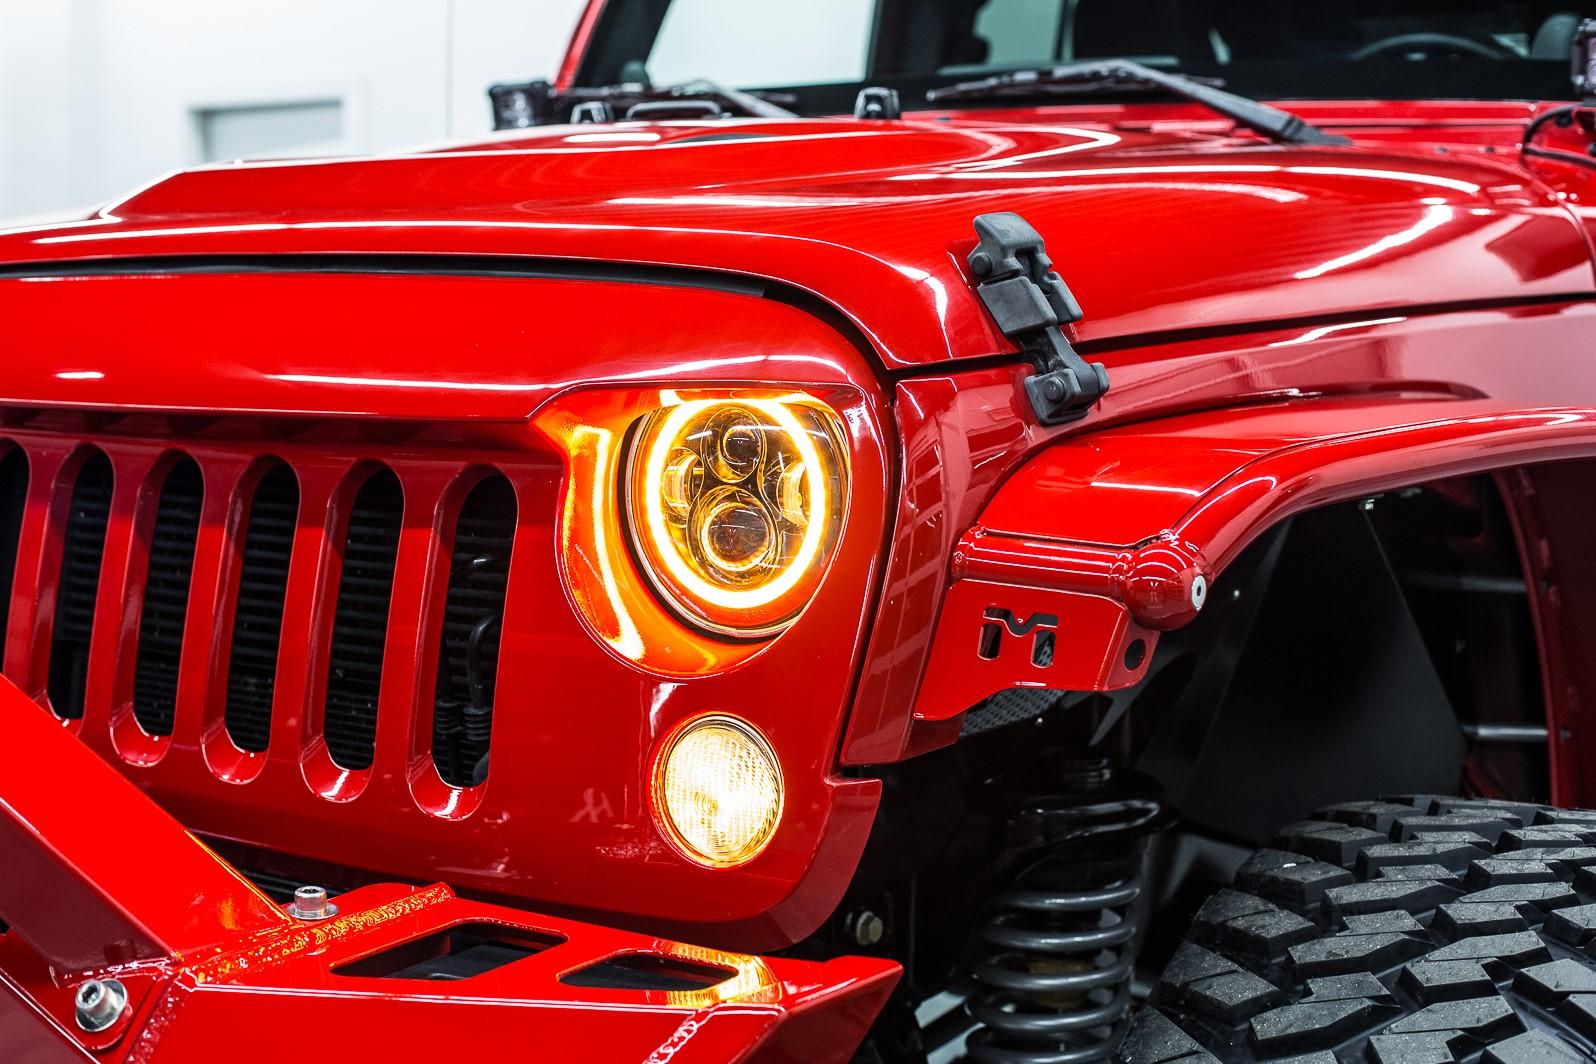 2014 jeep wrangler unlimited sport 4wd ultimate rides. Black Bedroom Furniture Sets. Home Design Ideas